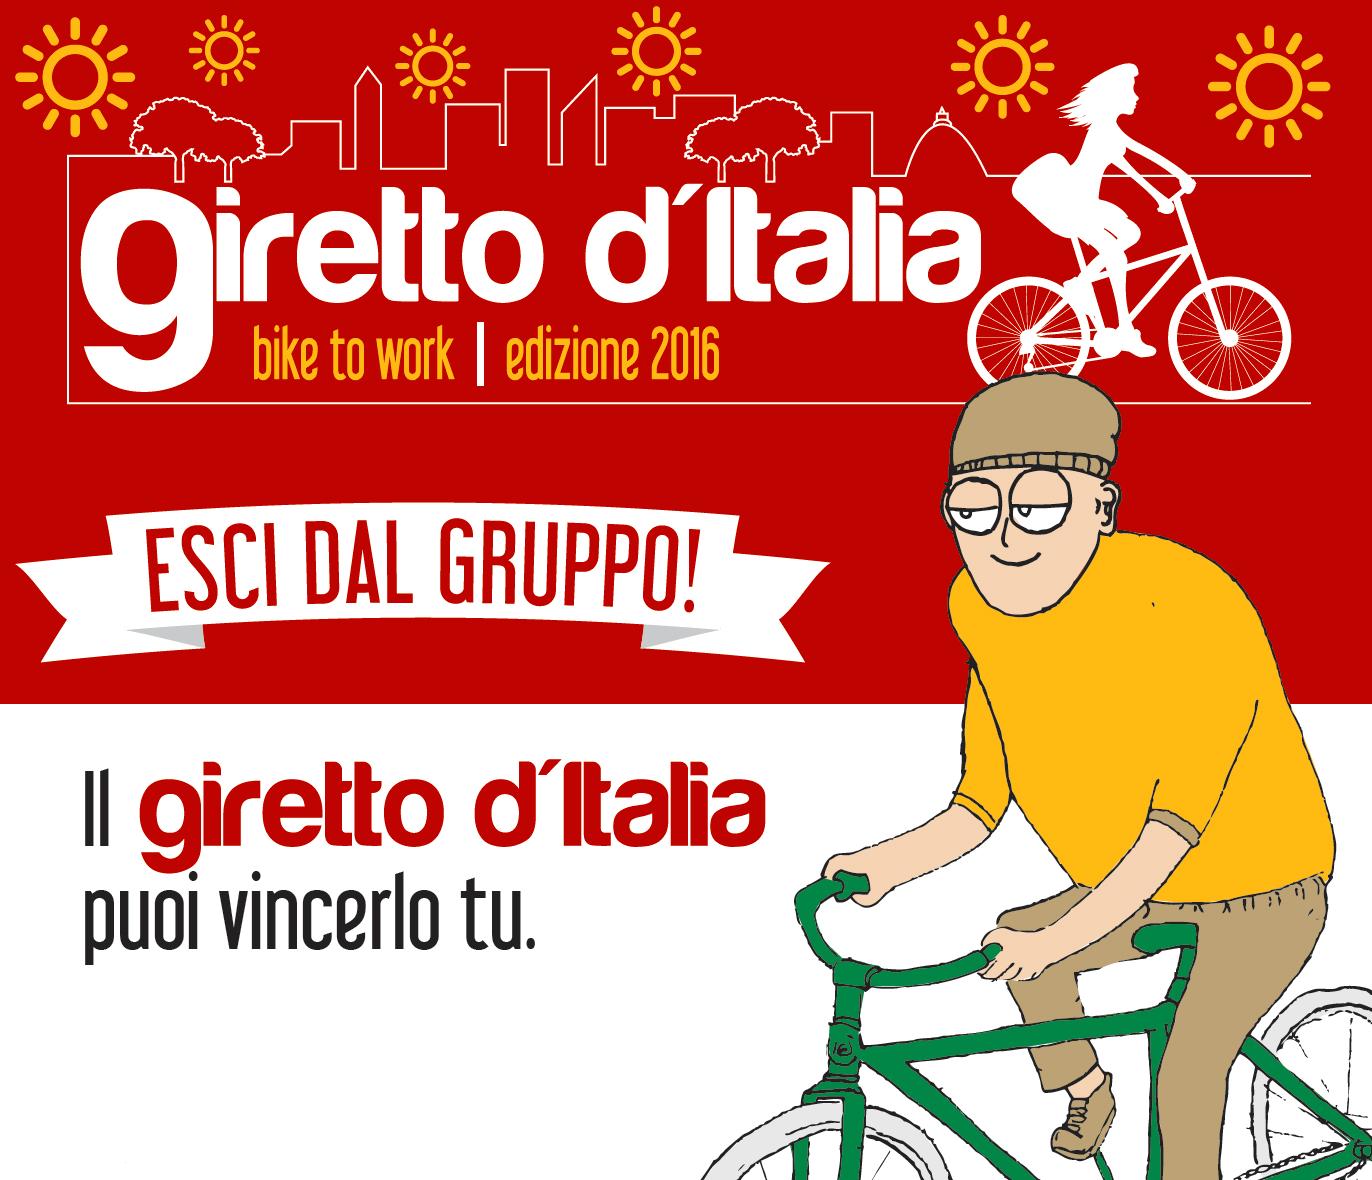 Giretto d'Italia: 20 check point a Torino per la sfida della mobilità nuova